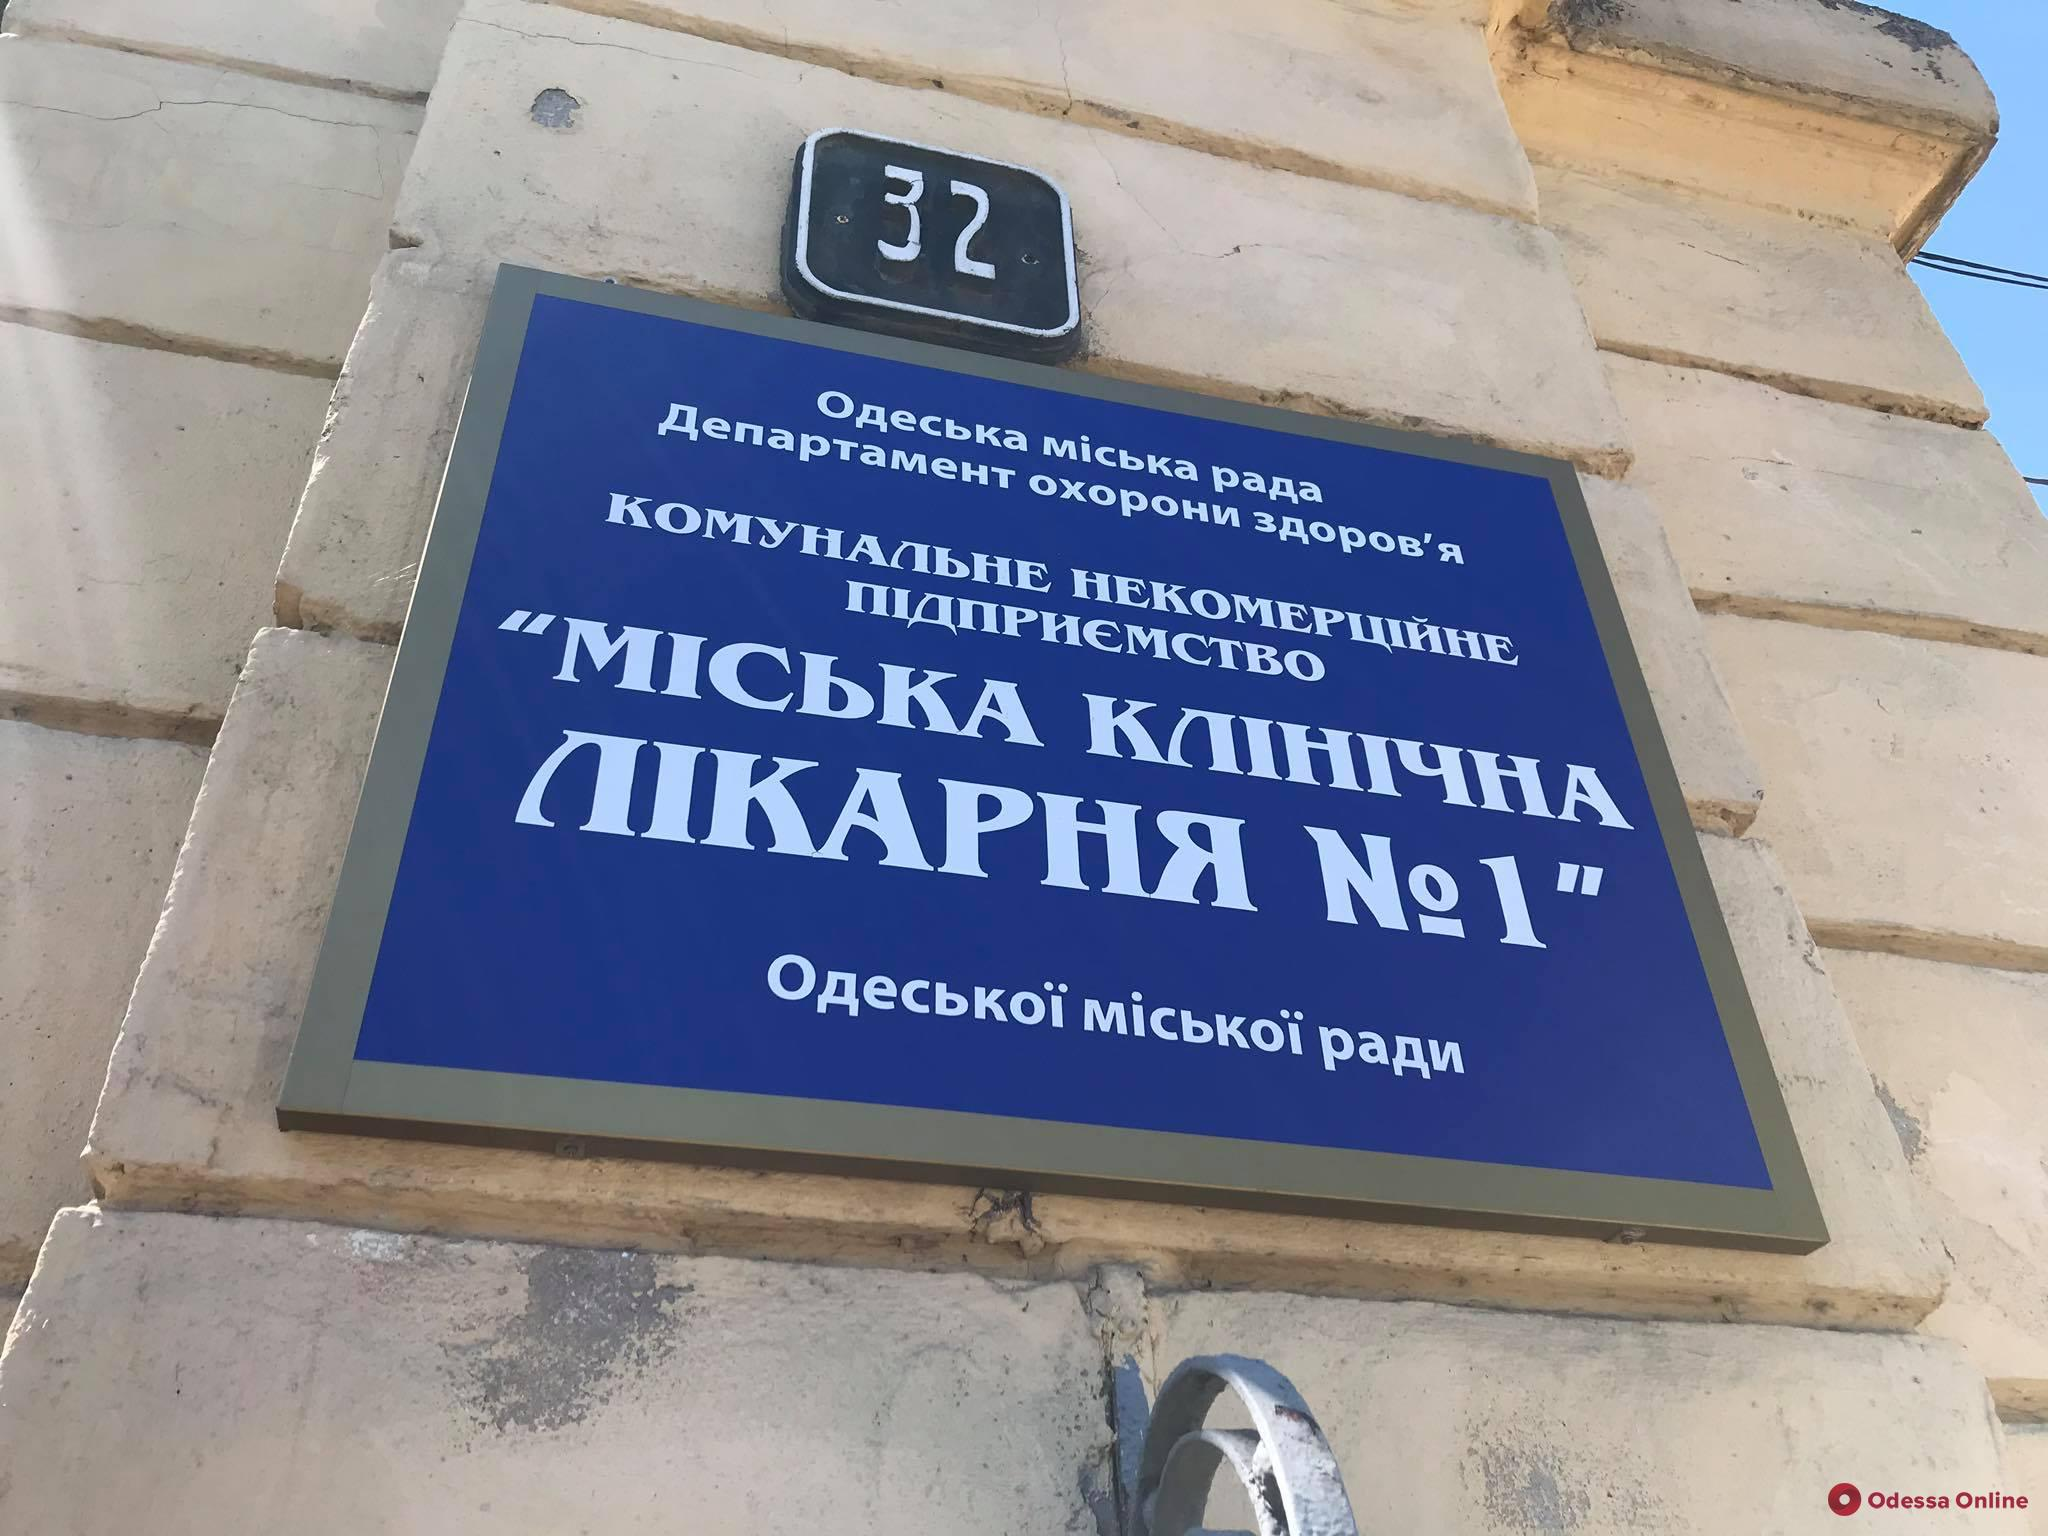 Одесса: в ГКБ №1 развернут полсотни дополнительных коек для пациентов с Covid-19